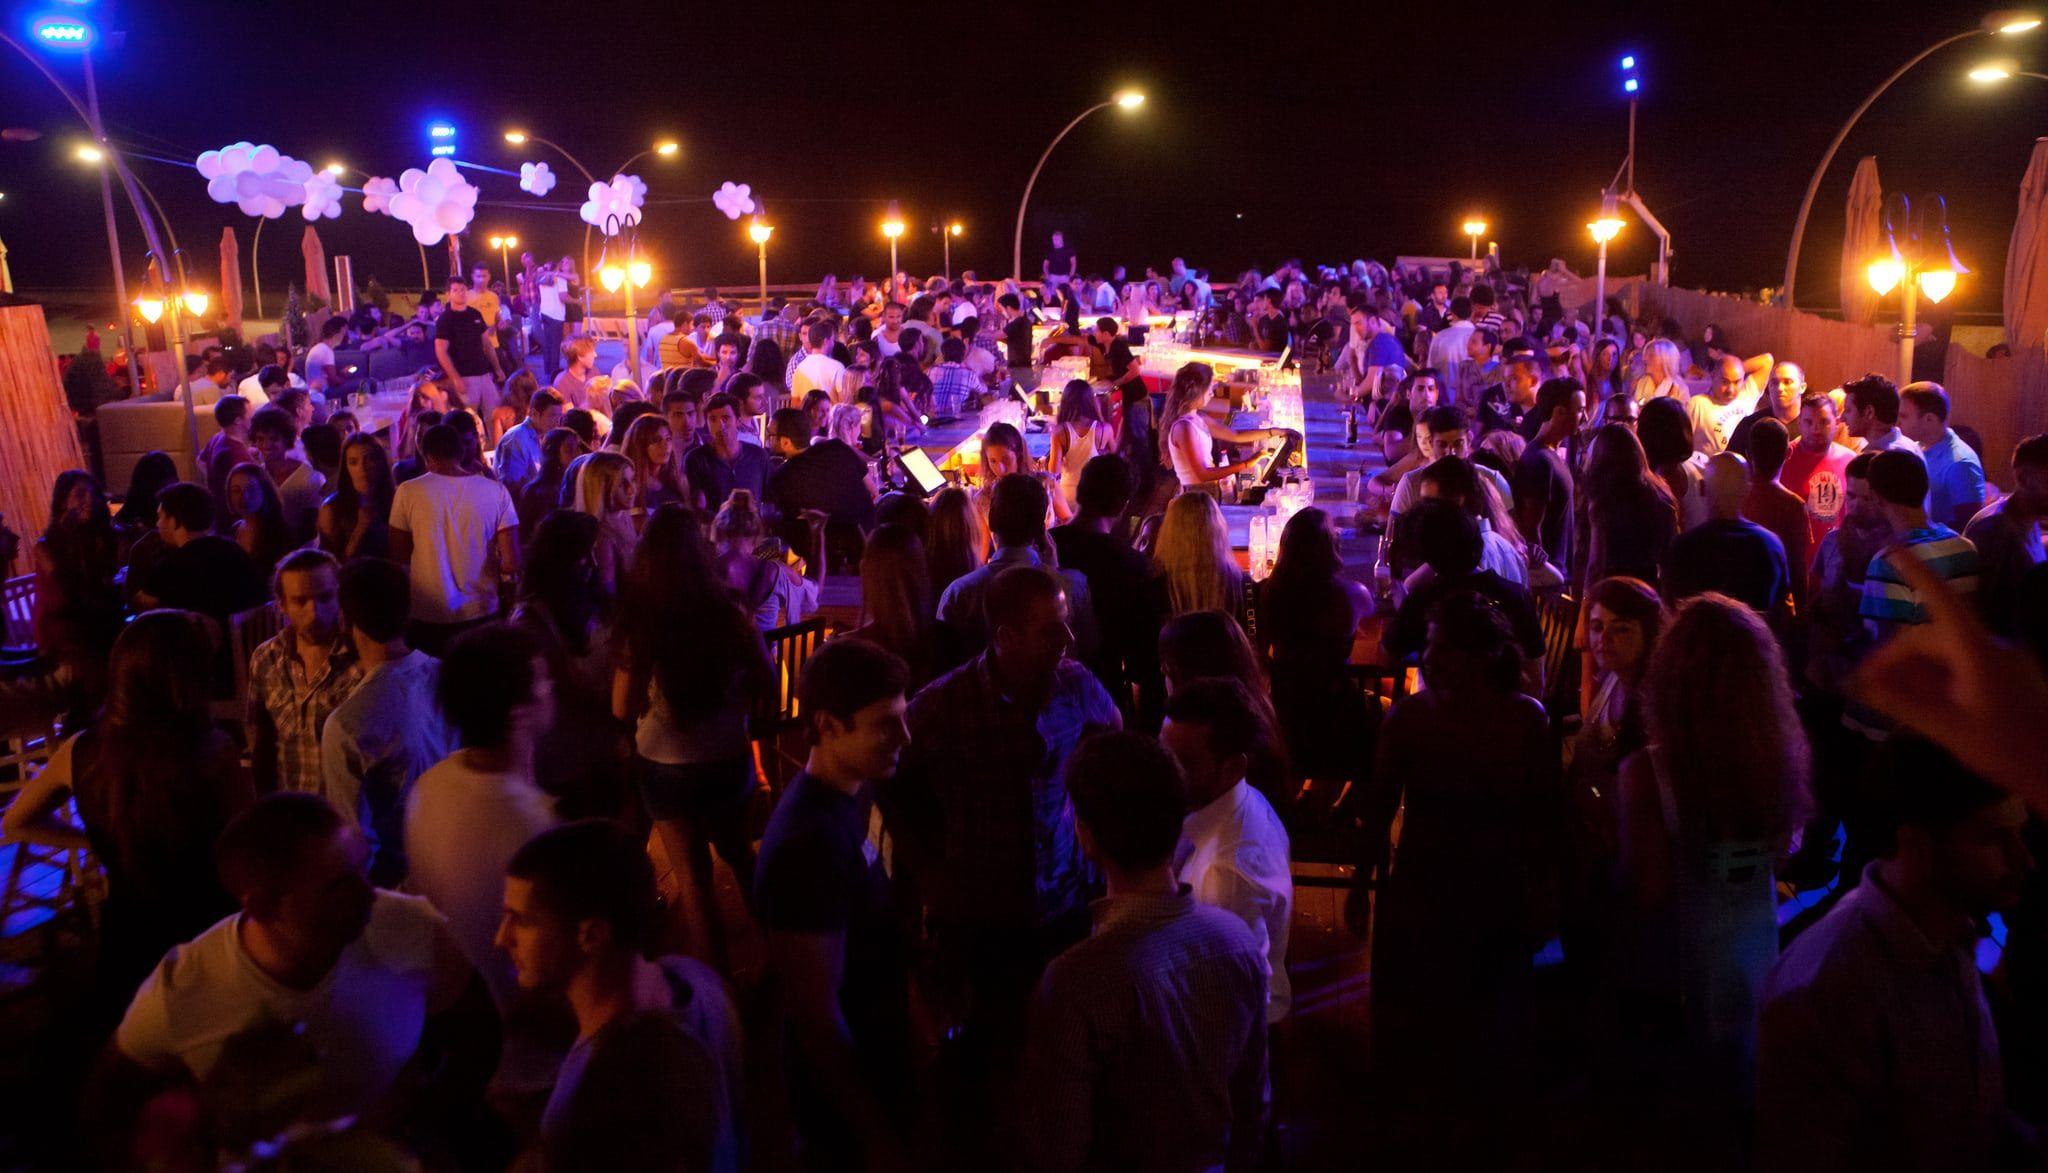 Tel Aviv er kjent for sitt vibrerende uteliv. Det trekkes fram i CNNs reisetips. (Foto: Dana Friedlander/Flickr)